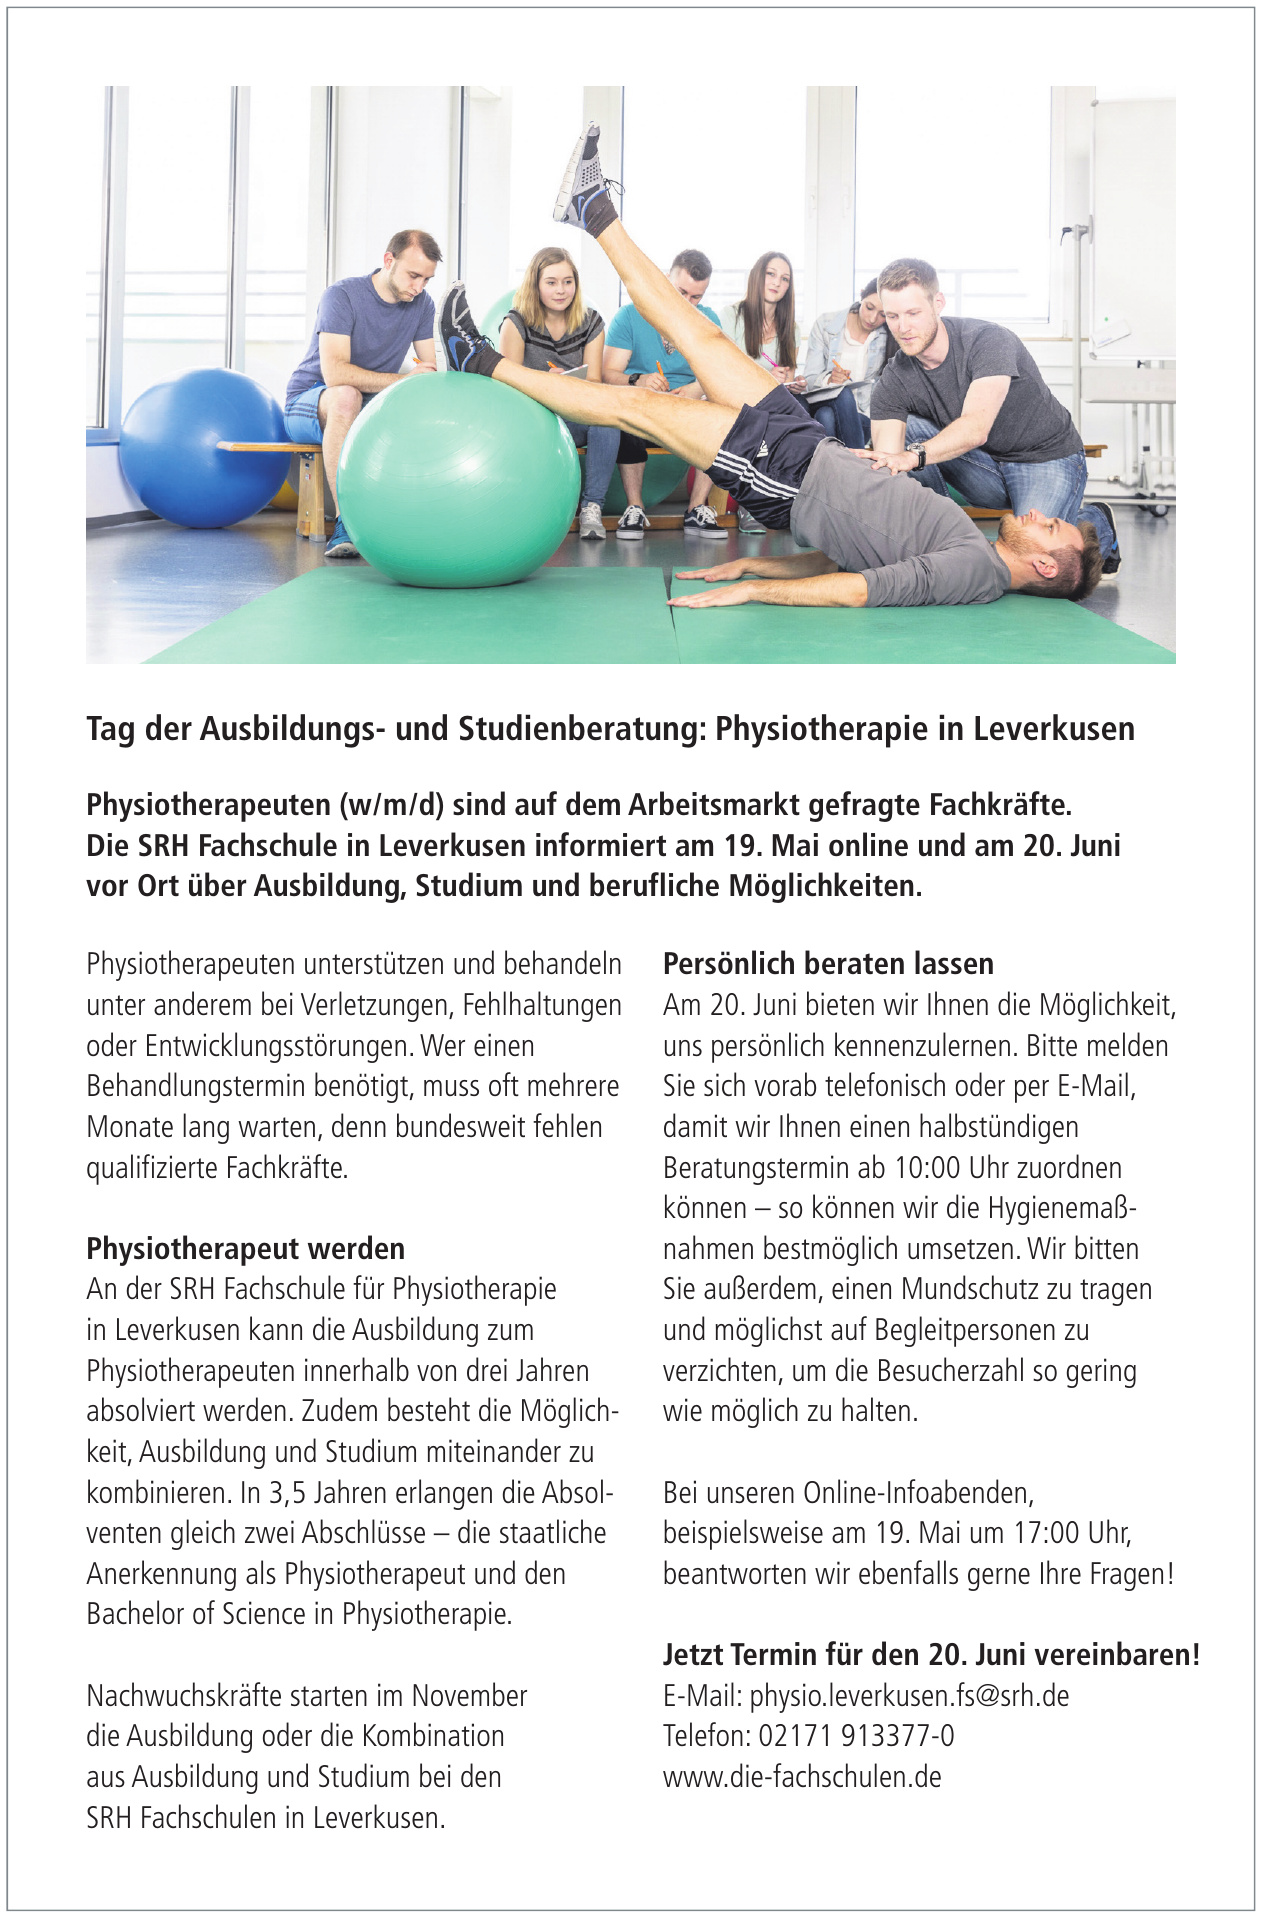 Die SRH Fachschule in Leverkusen - Physiotherapie in Leverkusen